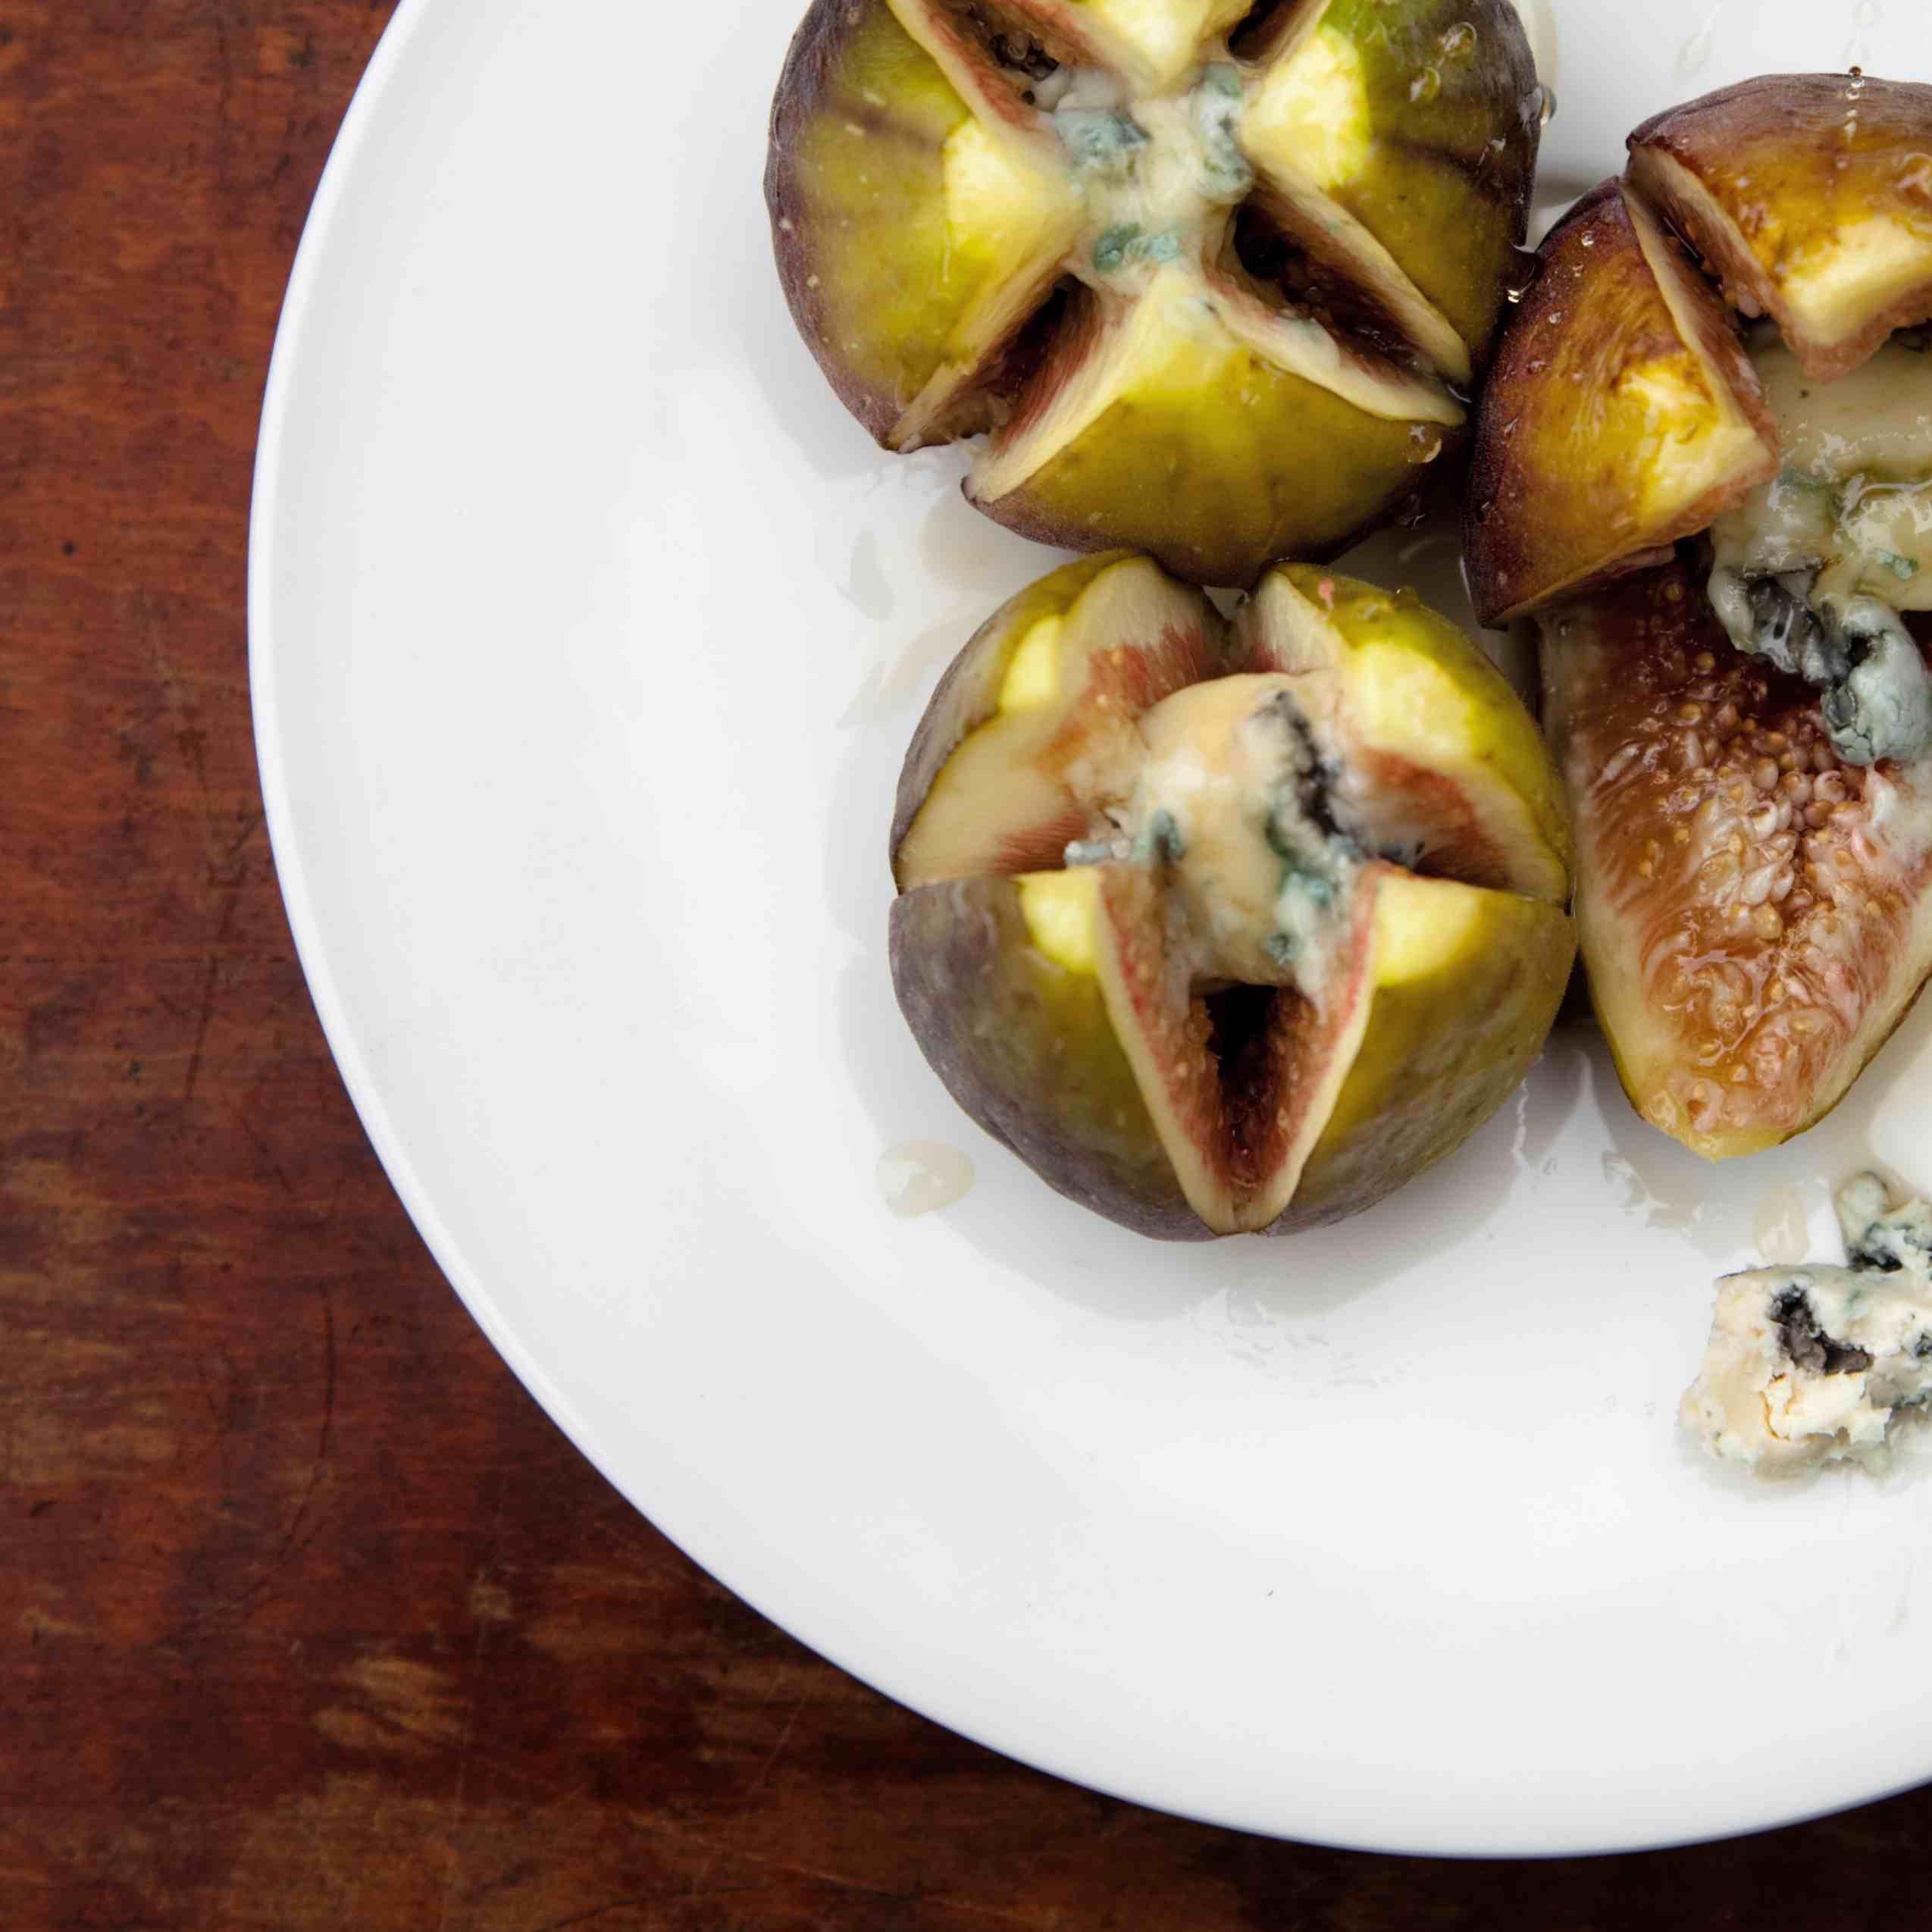 Blue Cheese Stuffed Figs